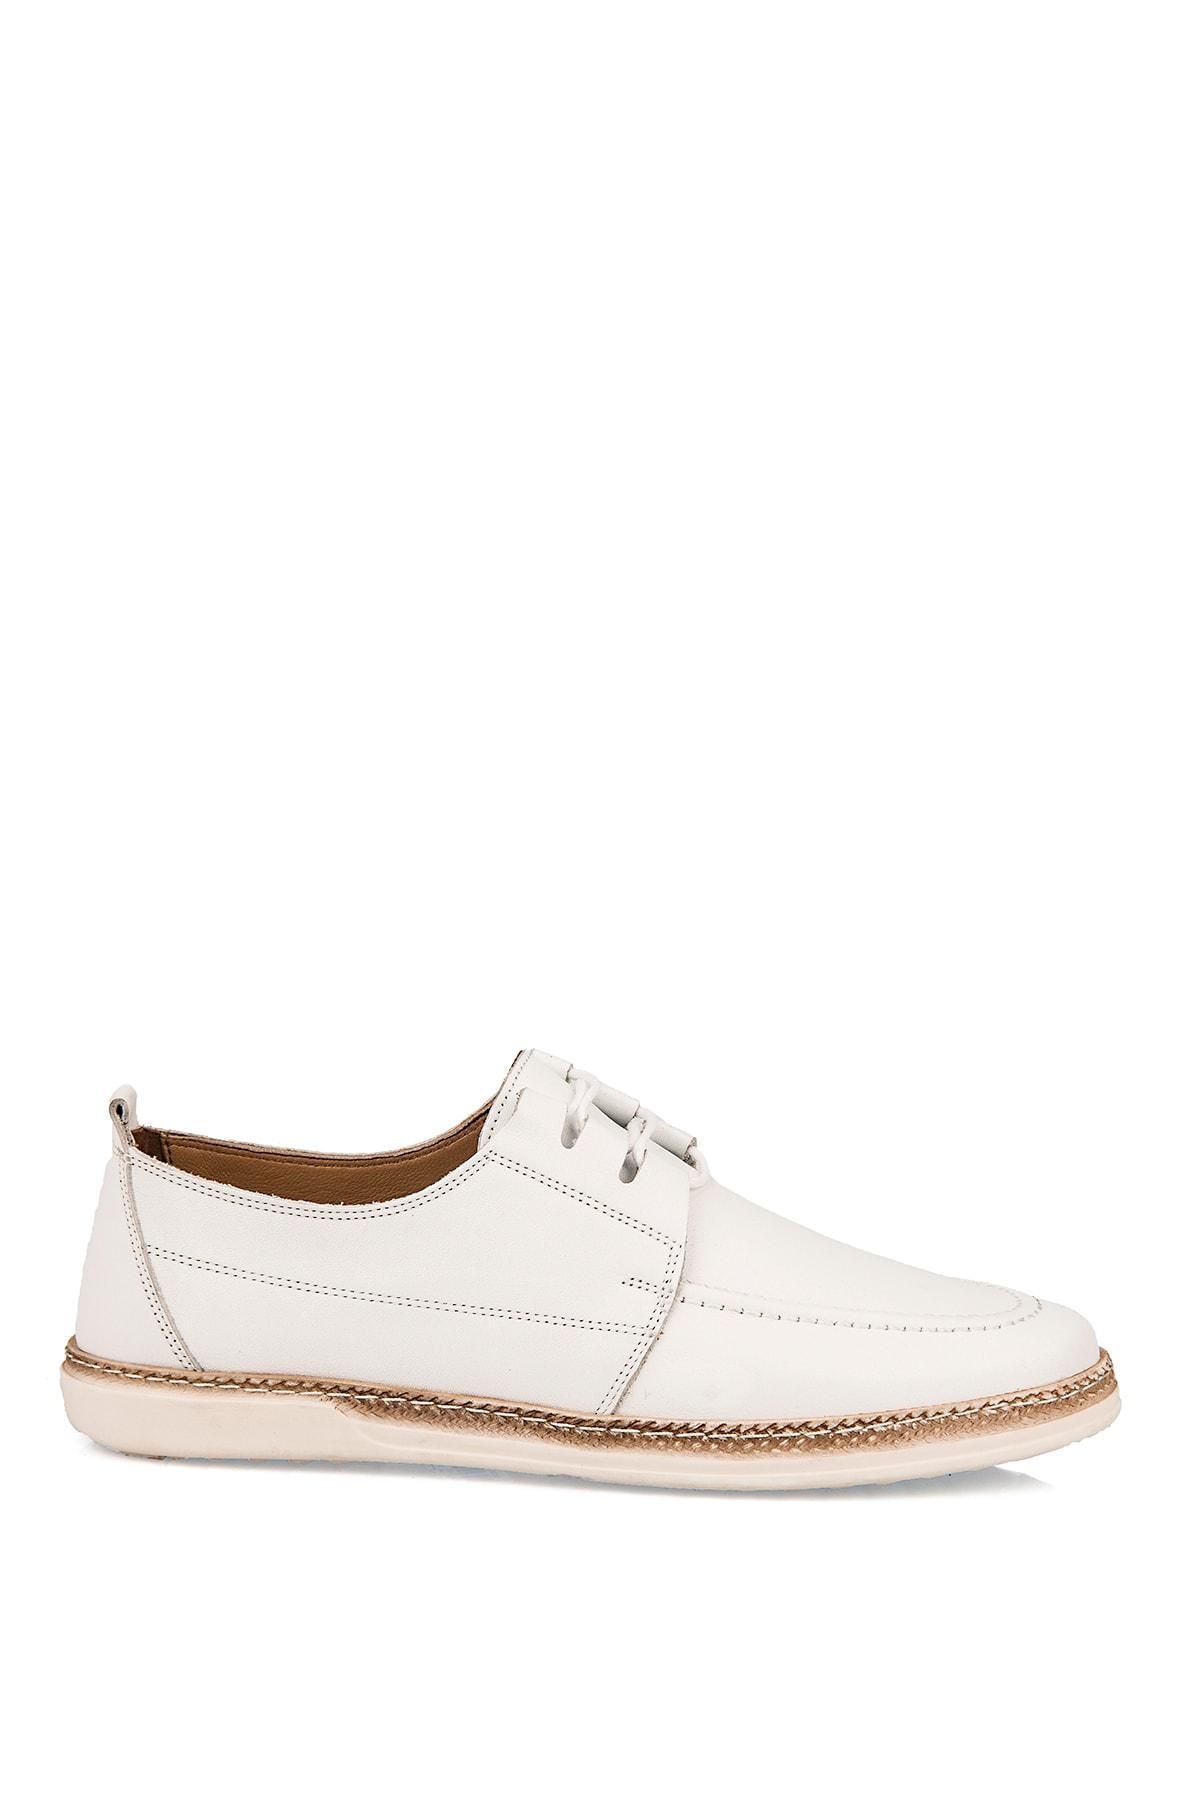 Ziya Hakiki Deri Beyaz Erkek Ayakkabı 101415 506064